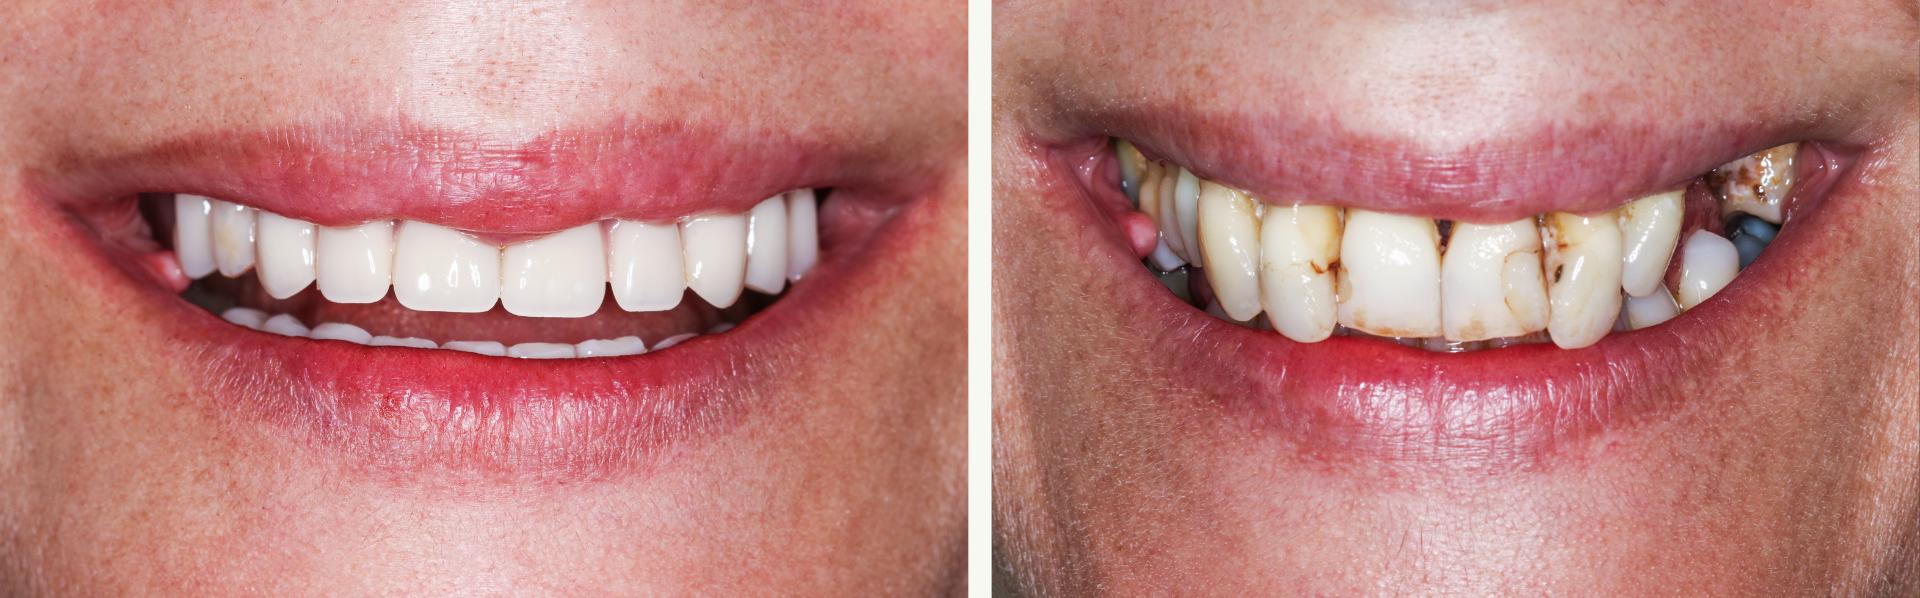 dental implants, dentures